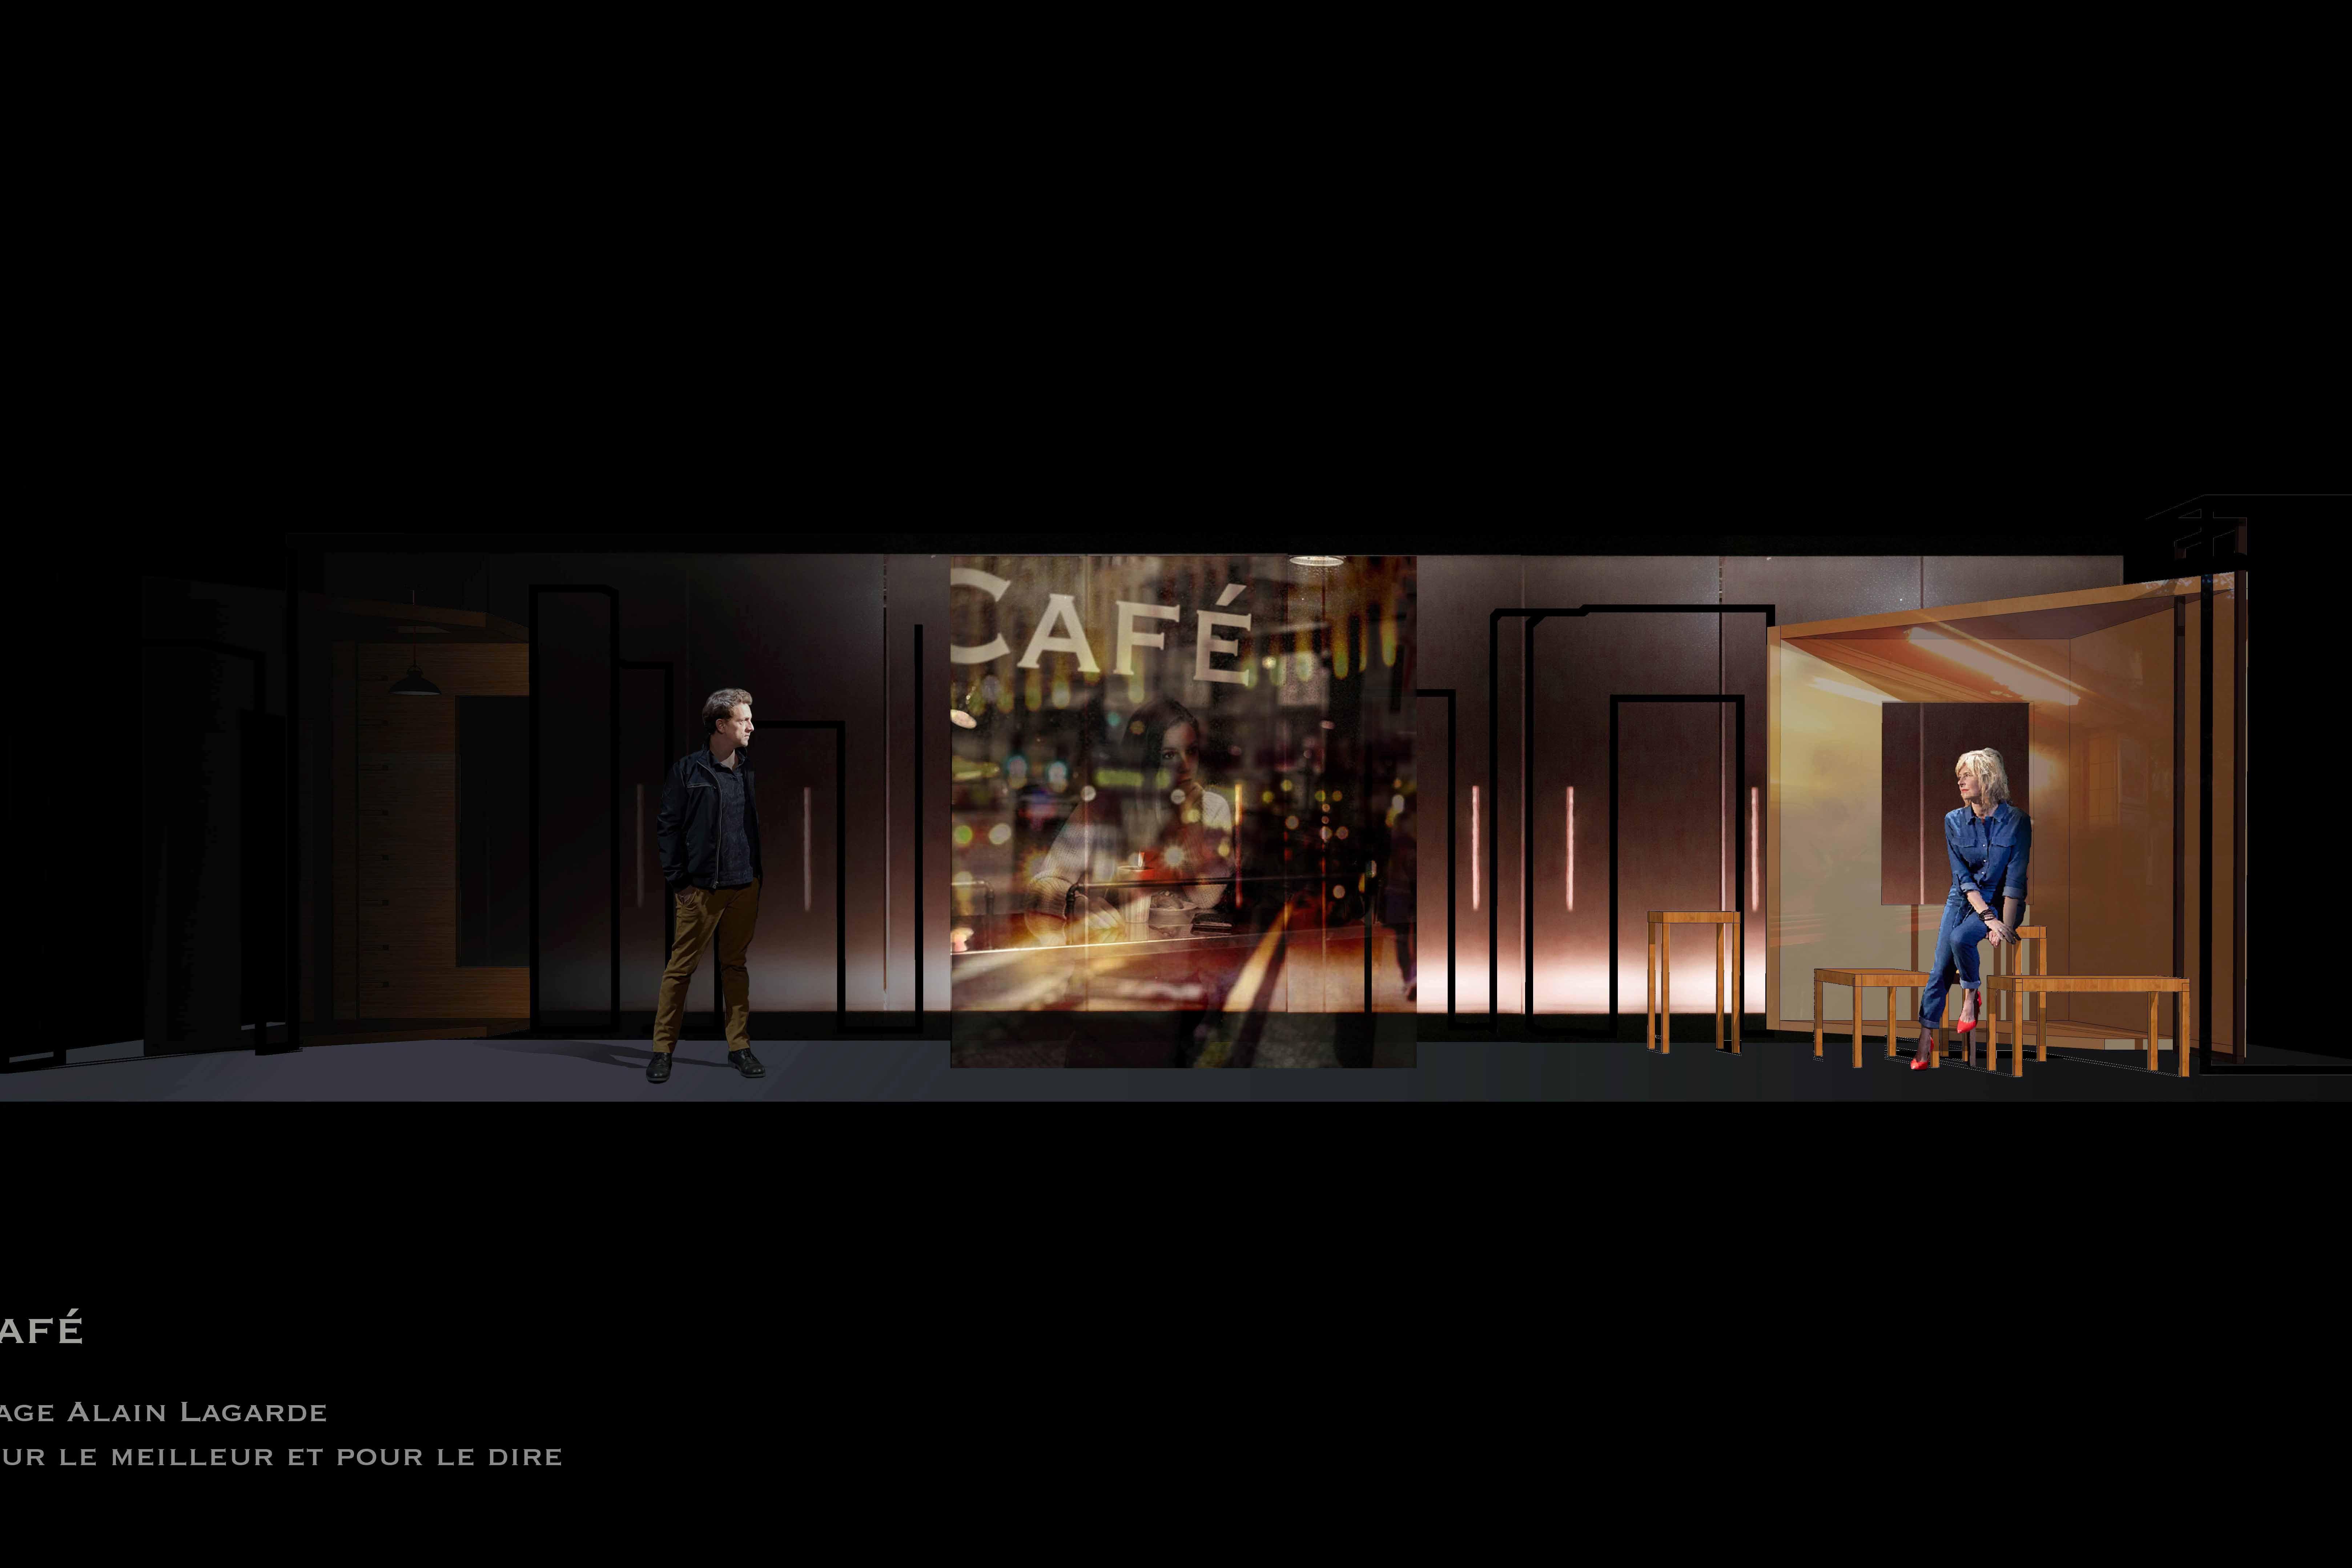 Pour le meilleur et pour le dire de David Basant et Mélanie Reumaux, mise en scène David Basant - Critique sortie Théâtre Avignon Théâtre du Roi René